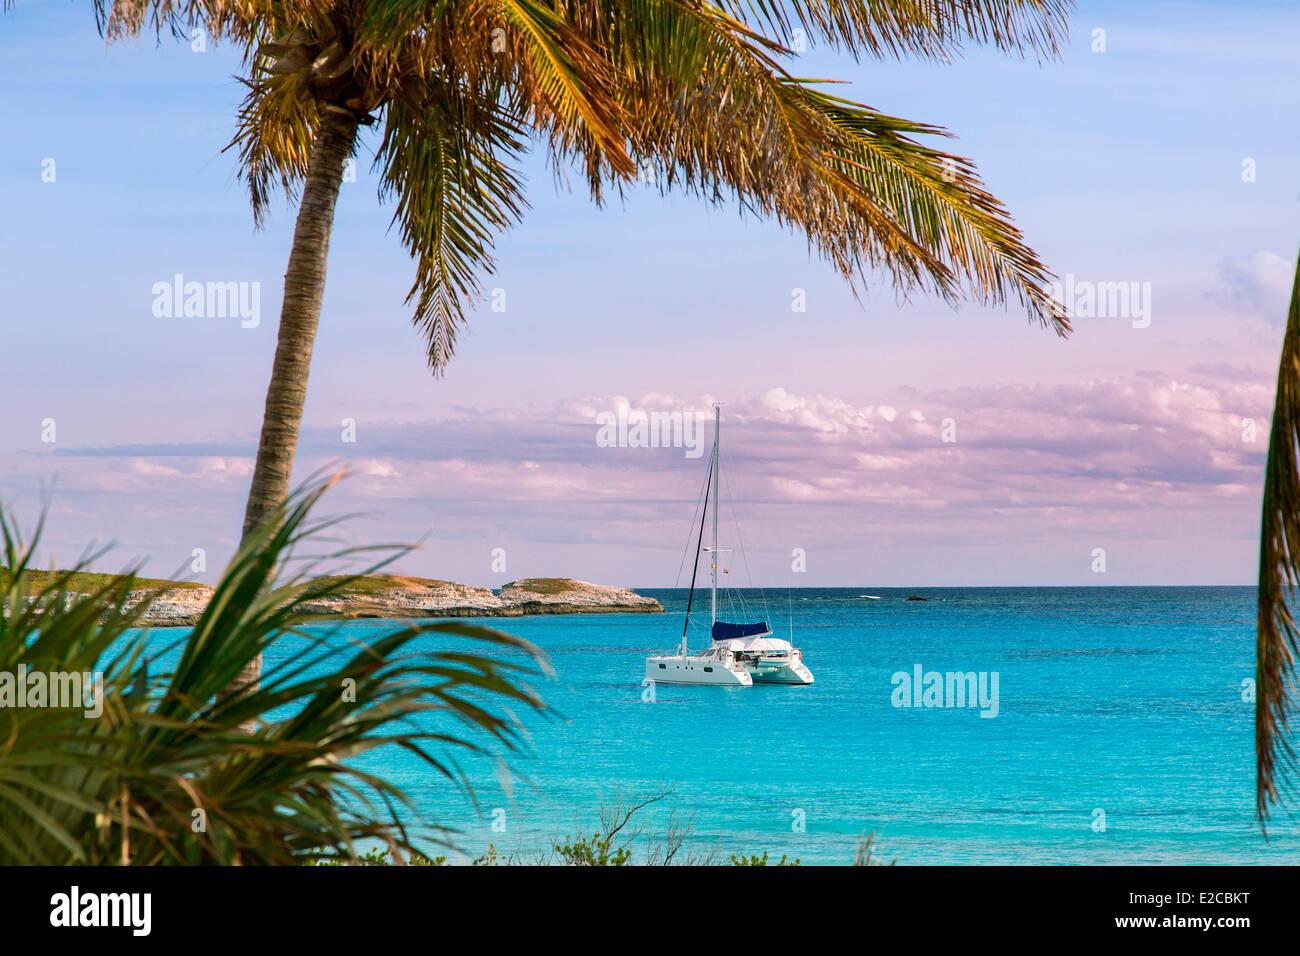 Bahamas, Eleuthera Island, Lighthouse Bay - Stock Image